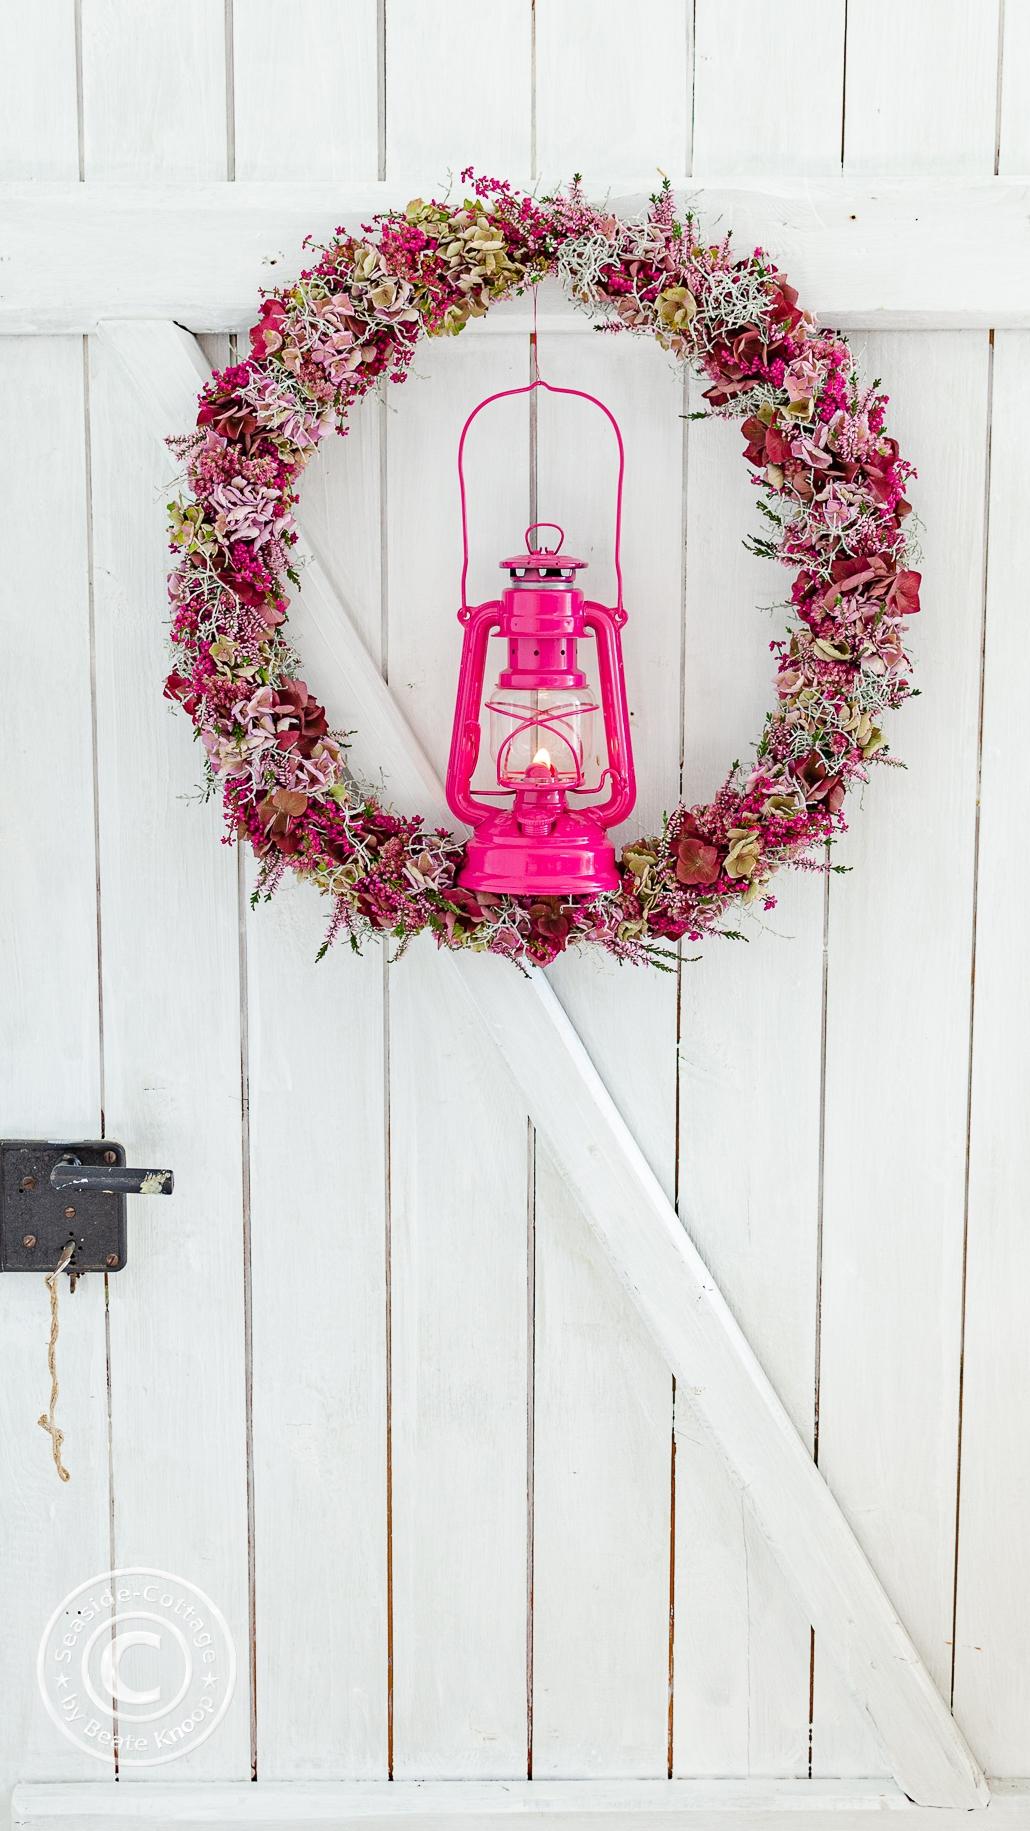 Großer Hortensienkranz an einer weißen Holztü hängenta mit einer pinkfarbenen Feuerhand Stumrlaterne Baby Special 276